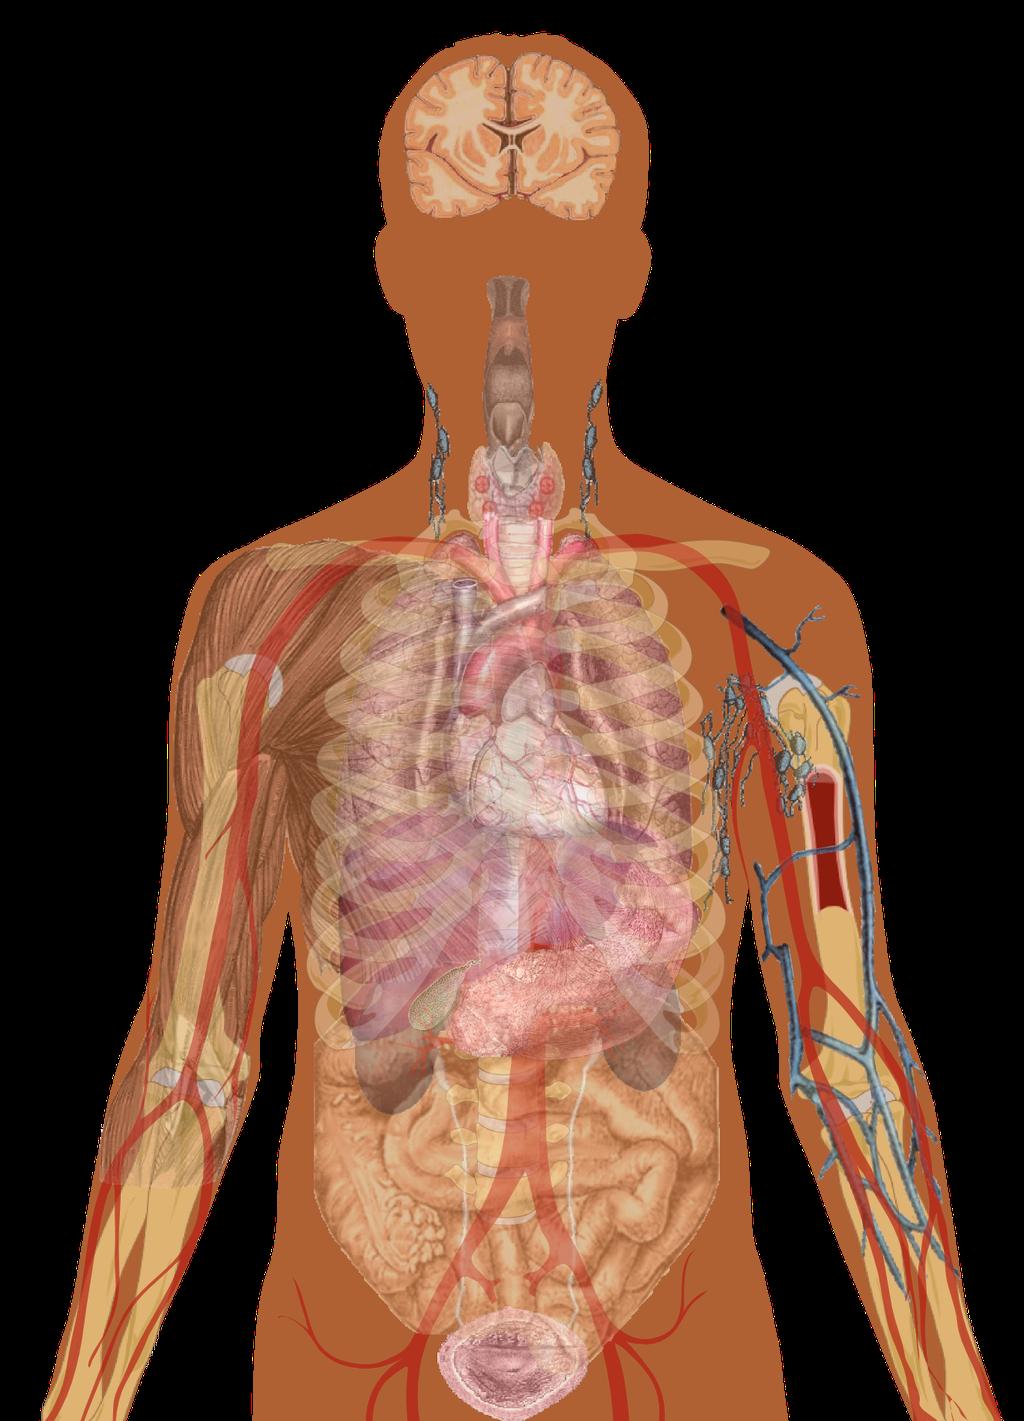 סרטונים קצרים שמסבירים איך גוף האדם עובד: גוף האדם